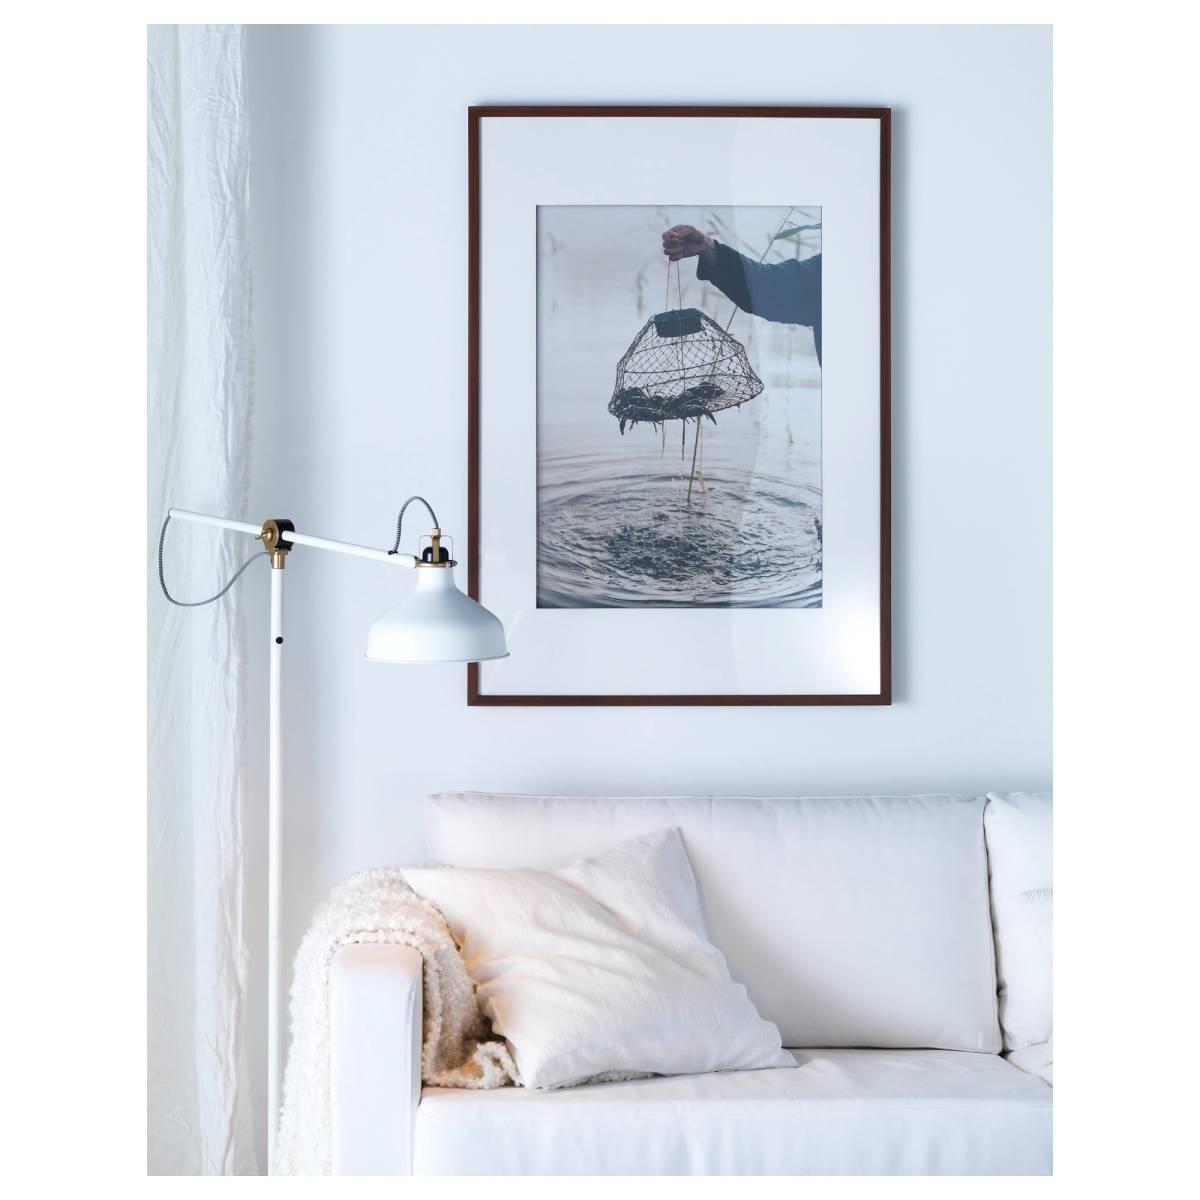 [美品]IKEA RANARP フロアランプ 間接 照明 ライト 読書 ラウンジ オフホワイト 白 無機質 インテリア 北欧[IKEA無印良品大量出品中♪]_画像8